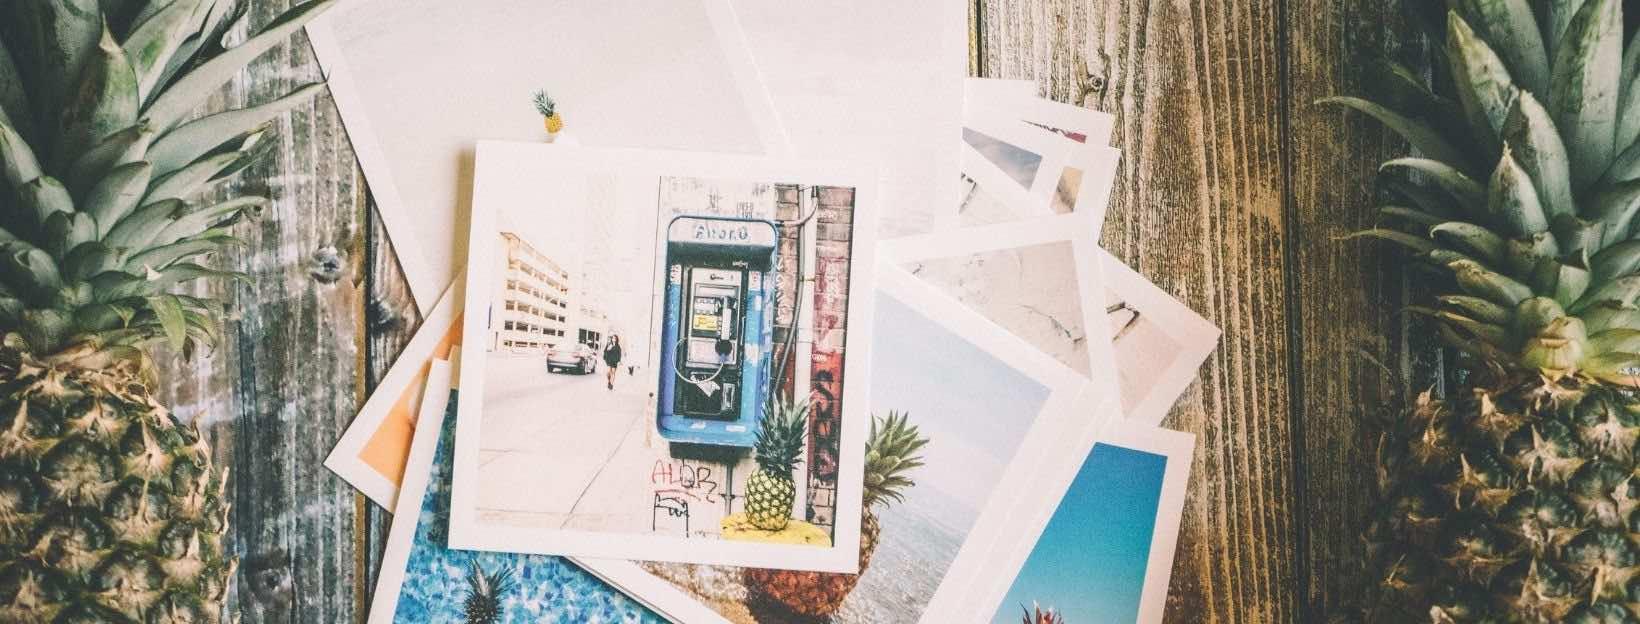 Fotos für Fotocollagen